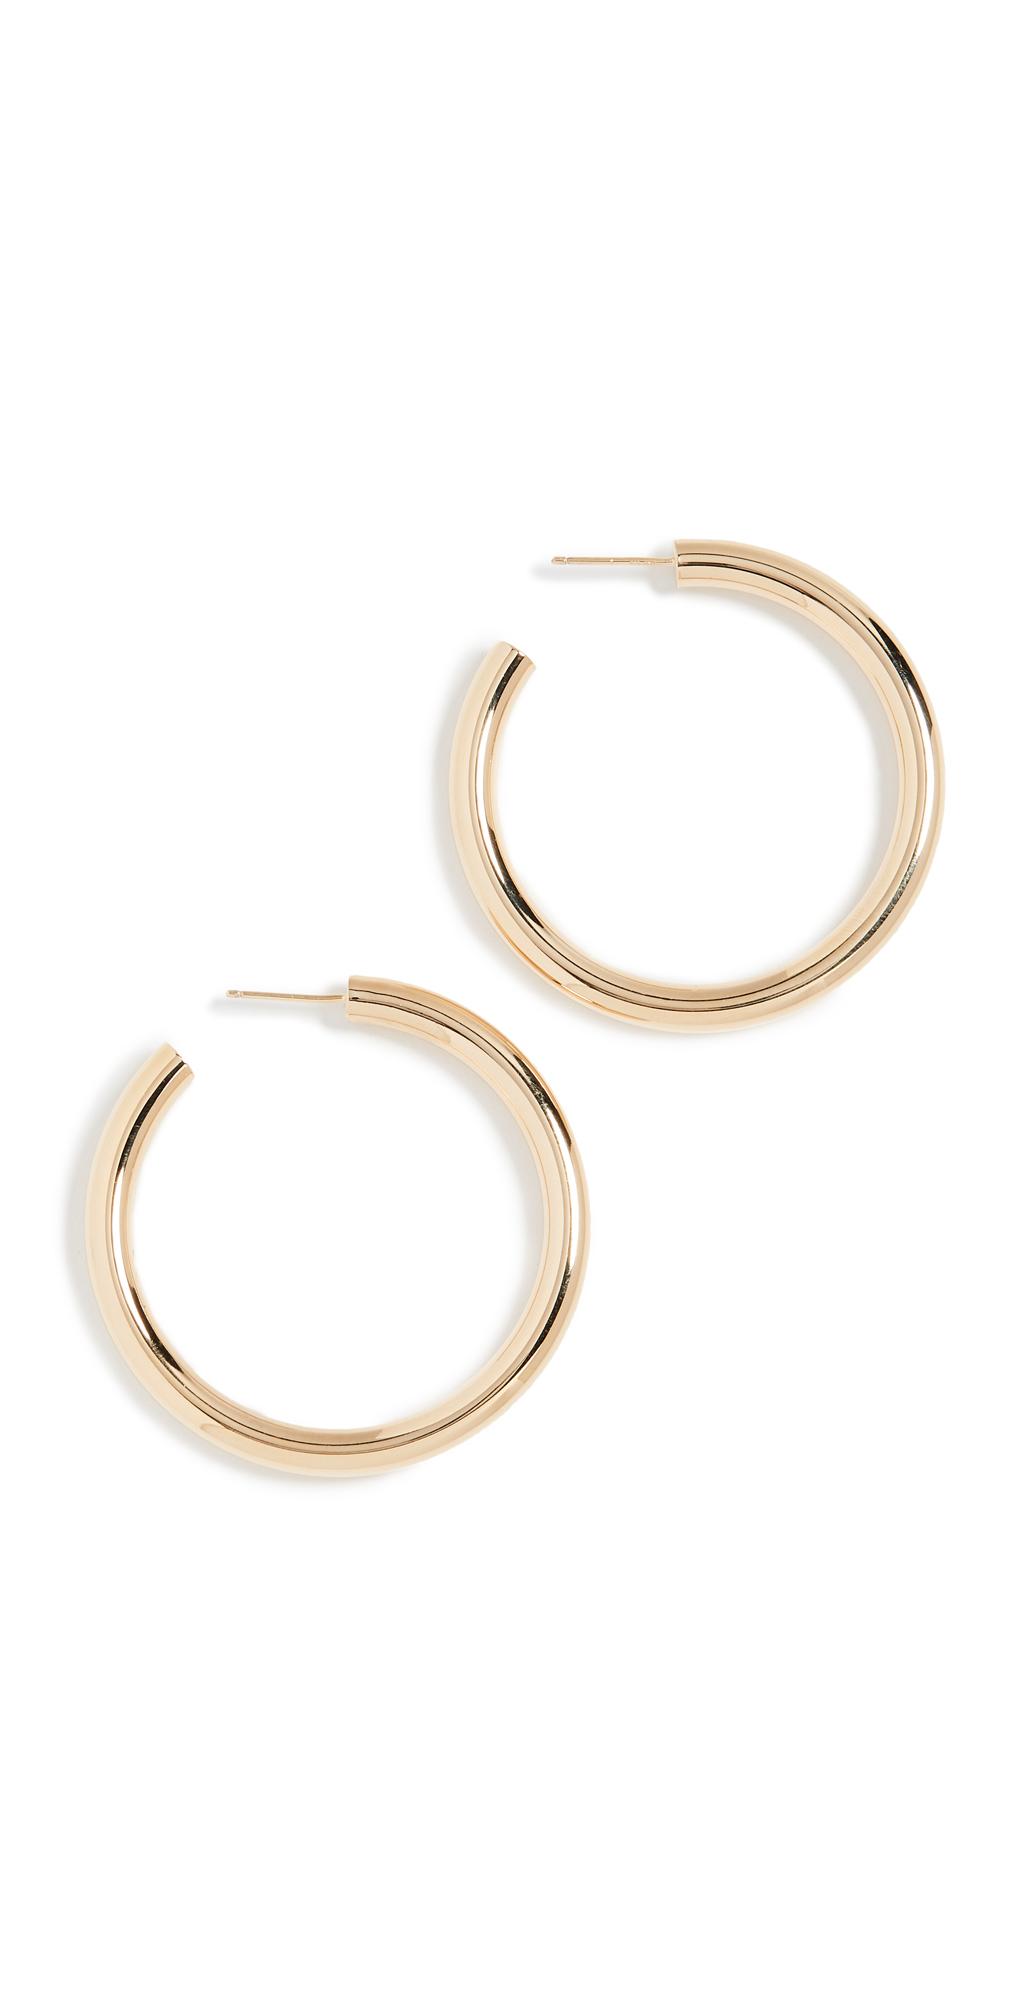 Lou Medium Hoop Earrings